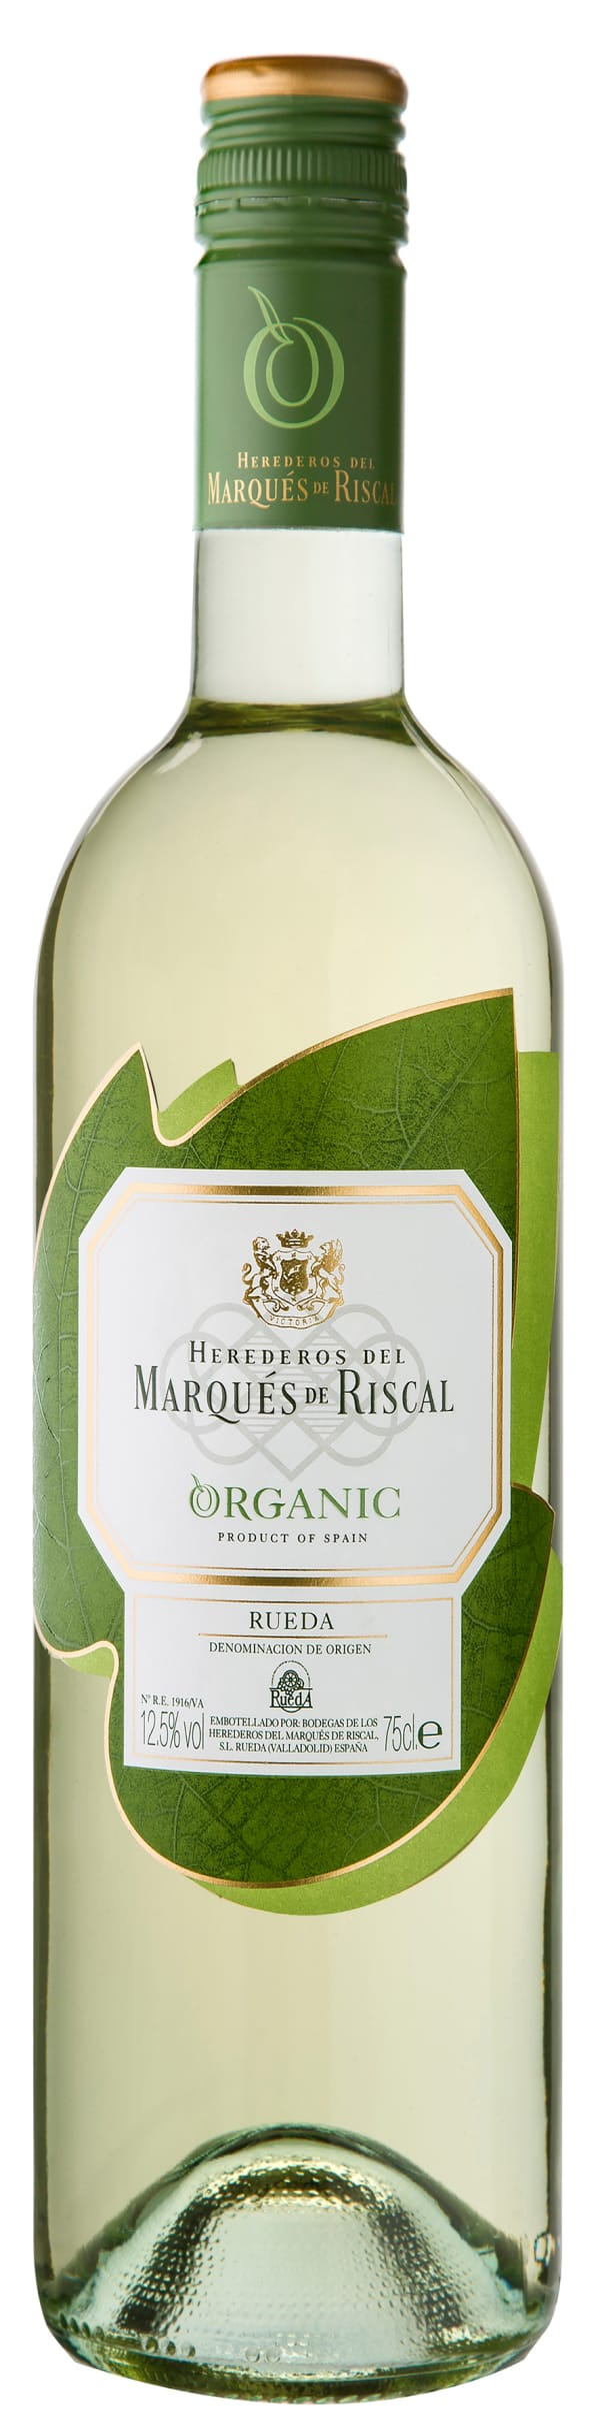 Marqués de Riscal Organic Verdejo 2020